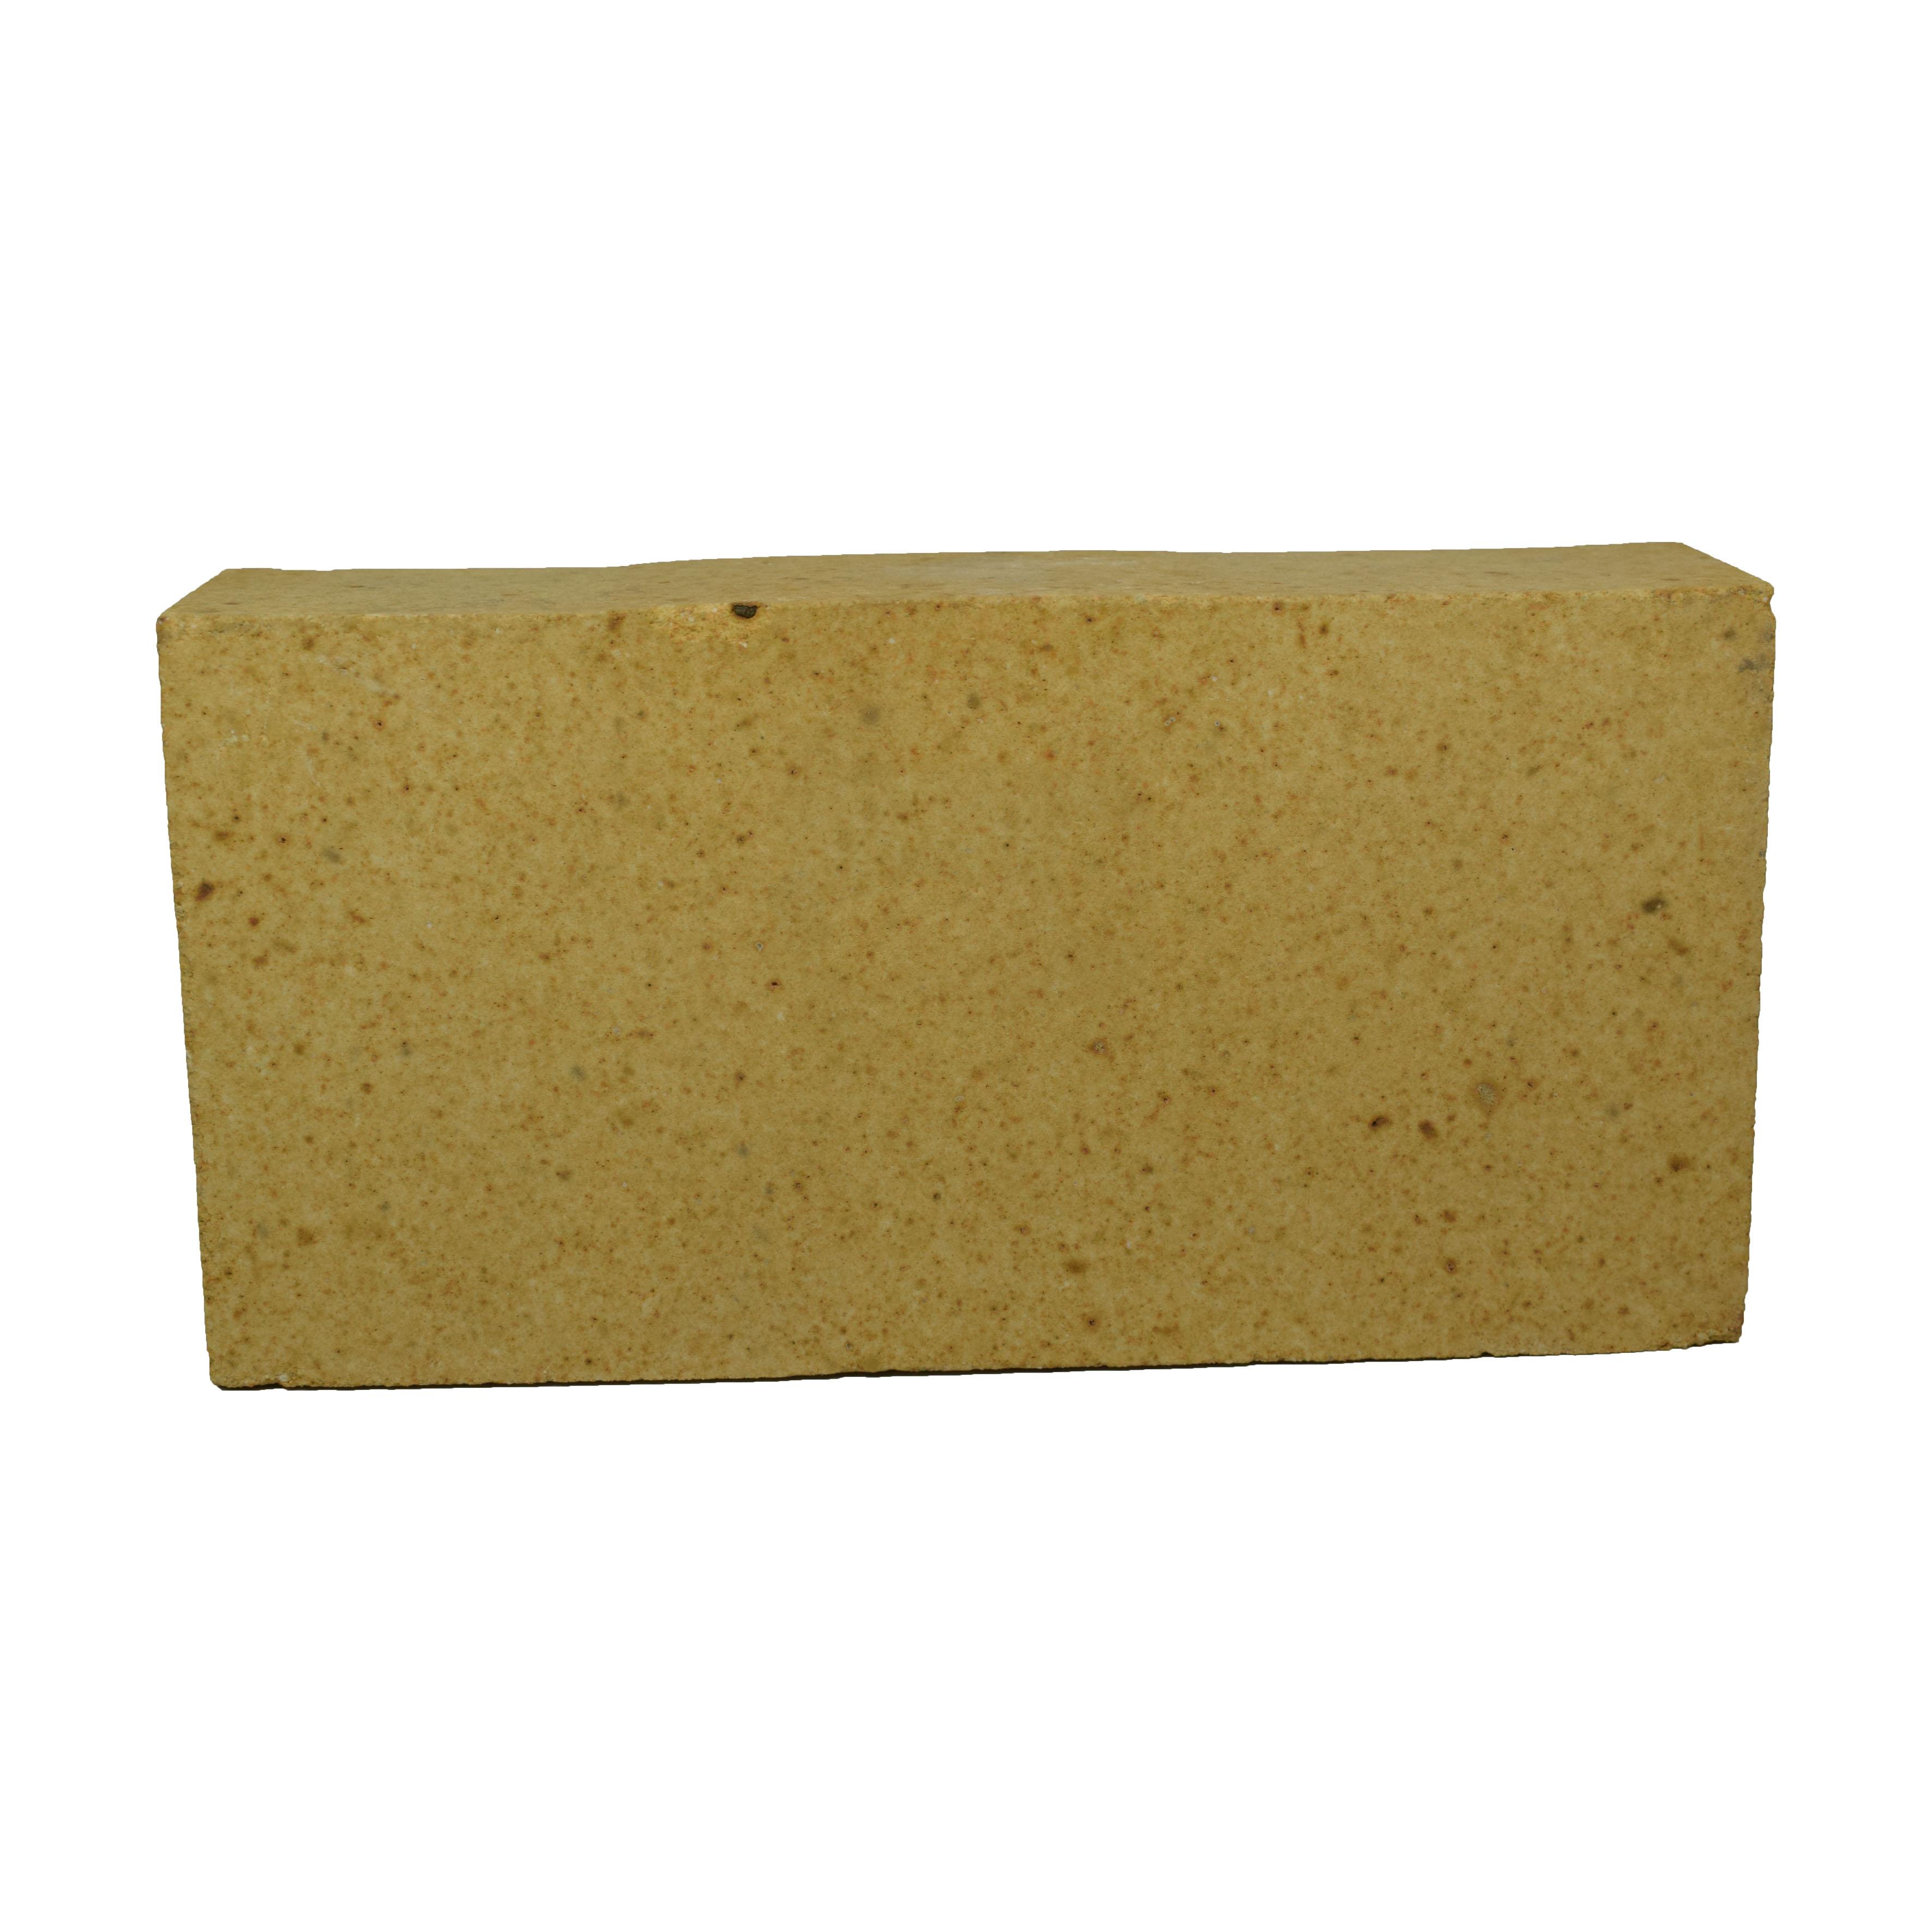 二級高鋁磚參數及用途